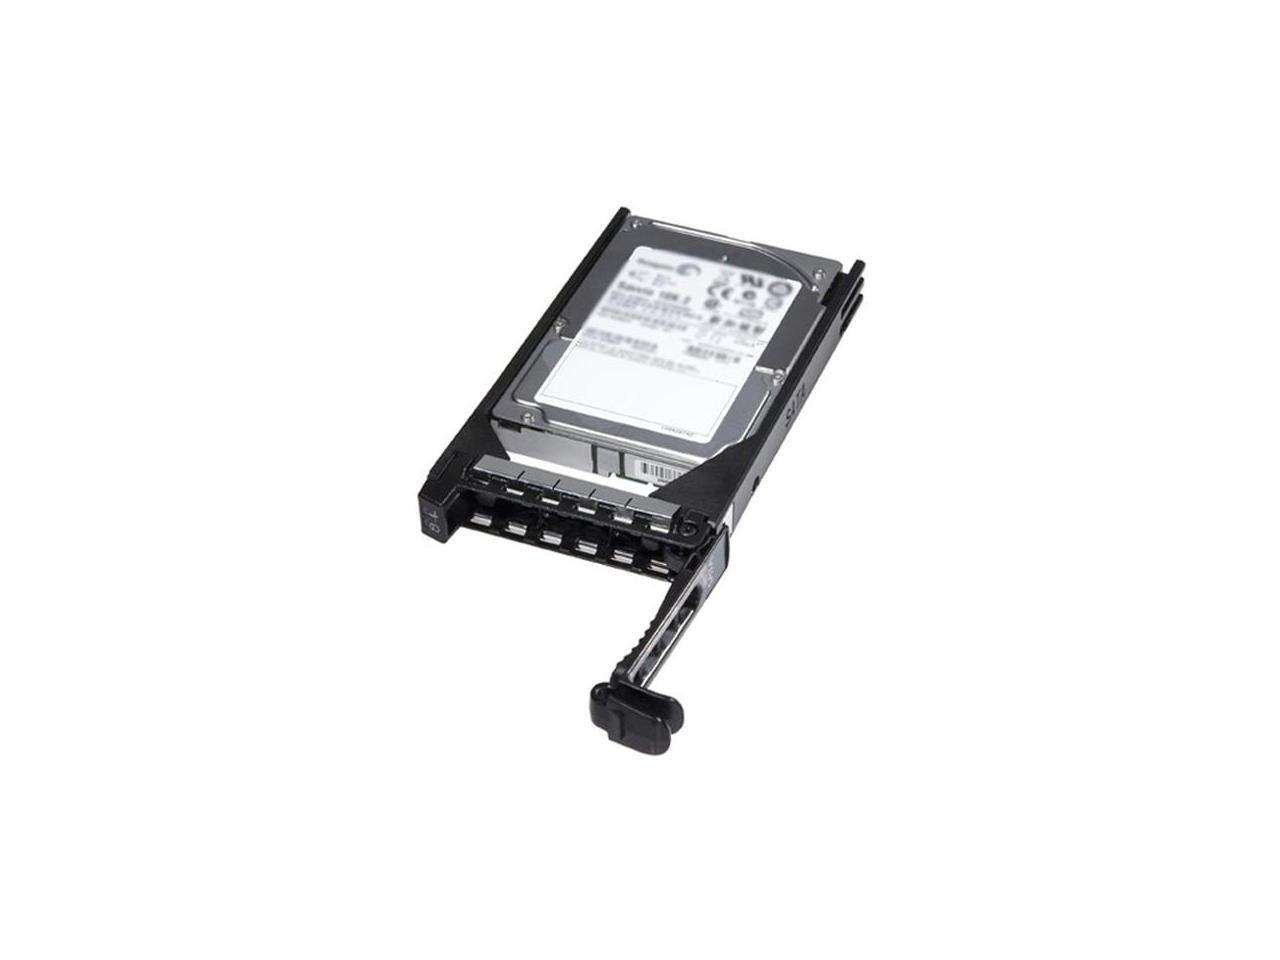 4TB Dell 400-ALNY 7200RPM SAS 12GB/s 3.5 Hot Swap Internal Hard Drive 400-ALNY